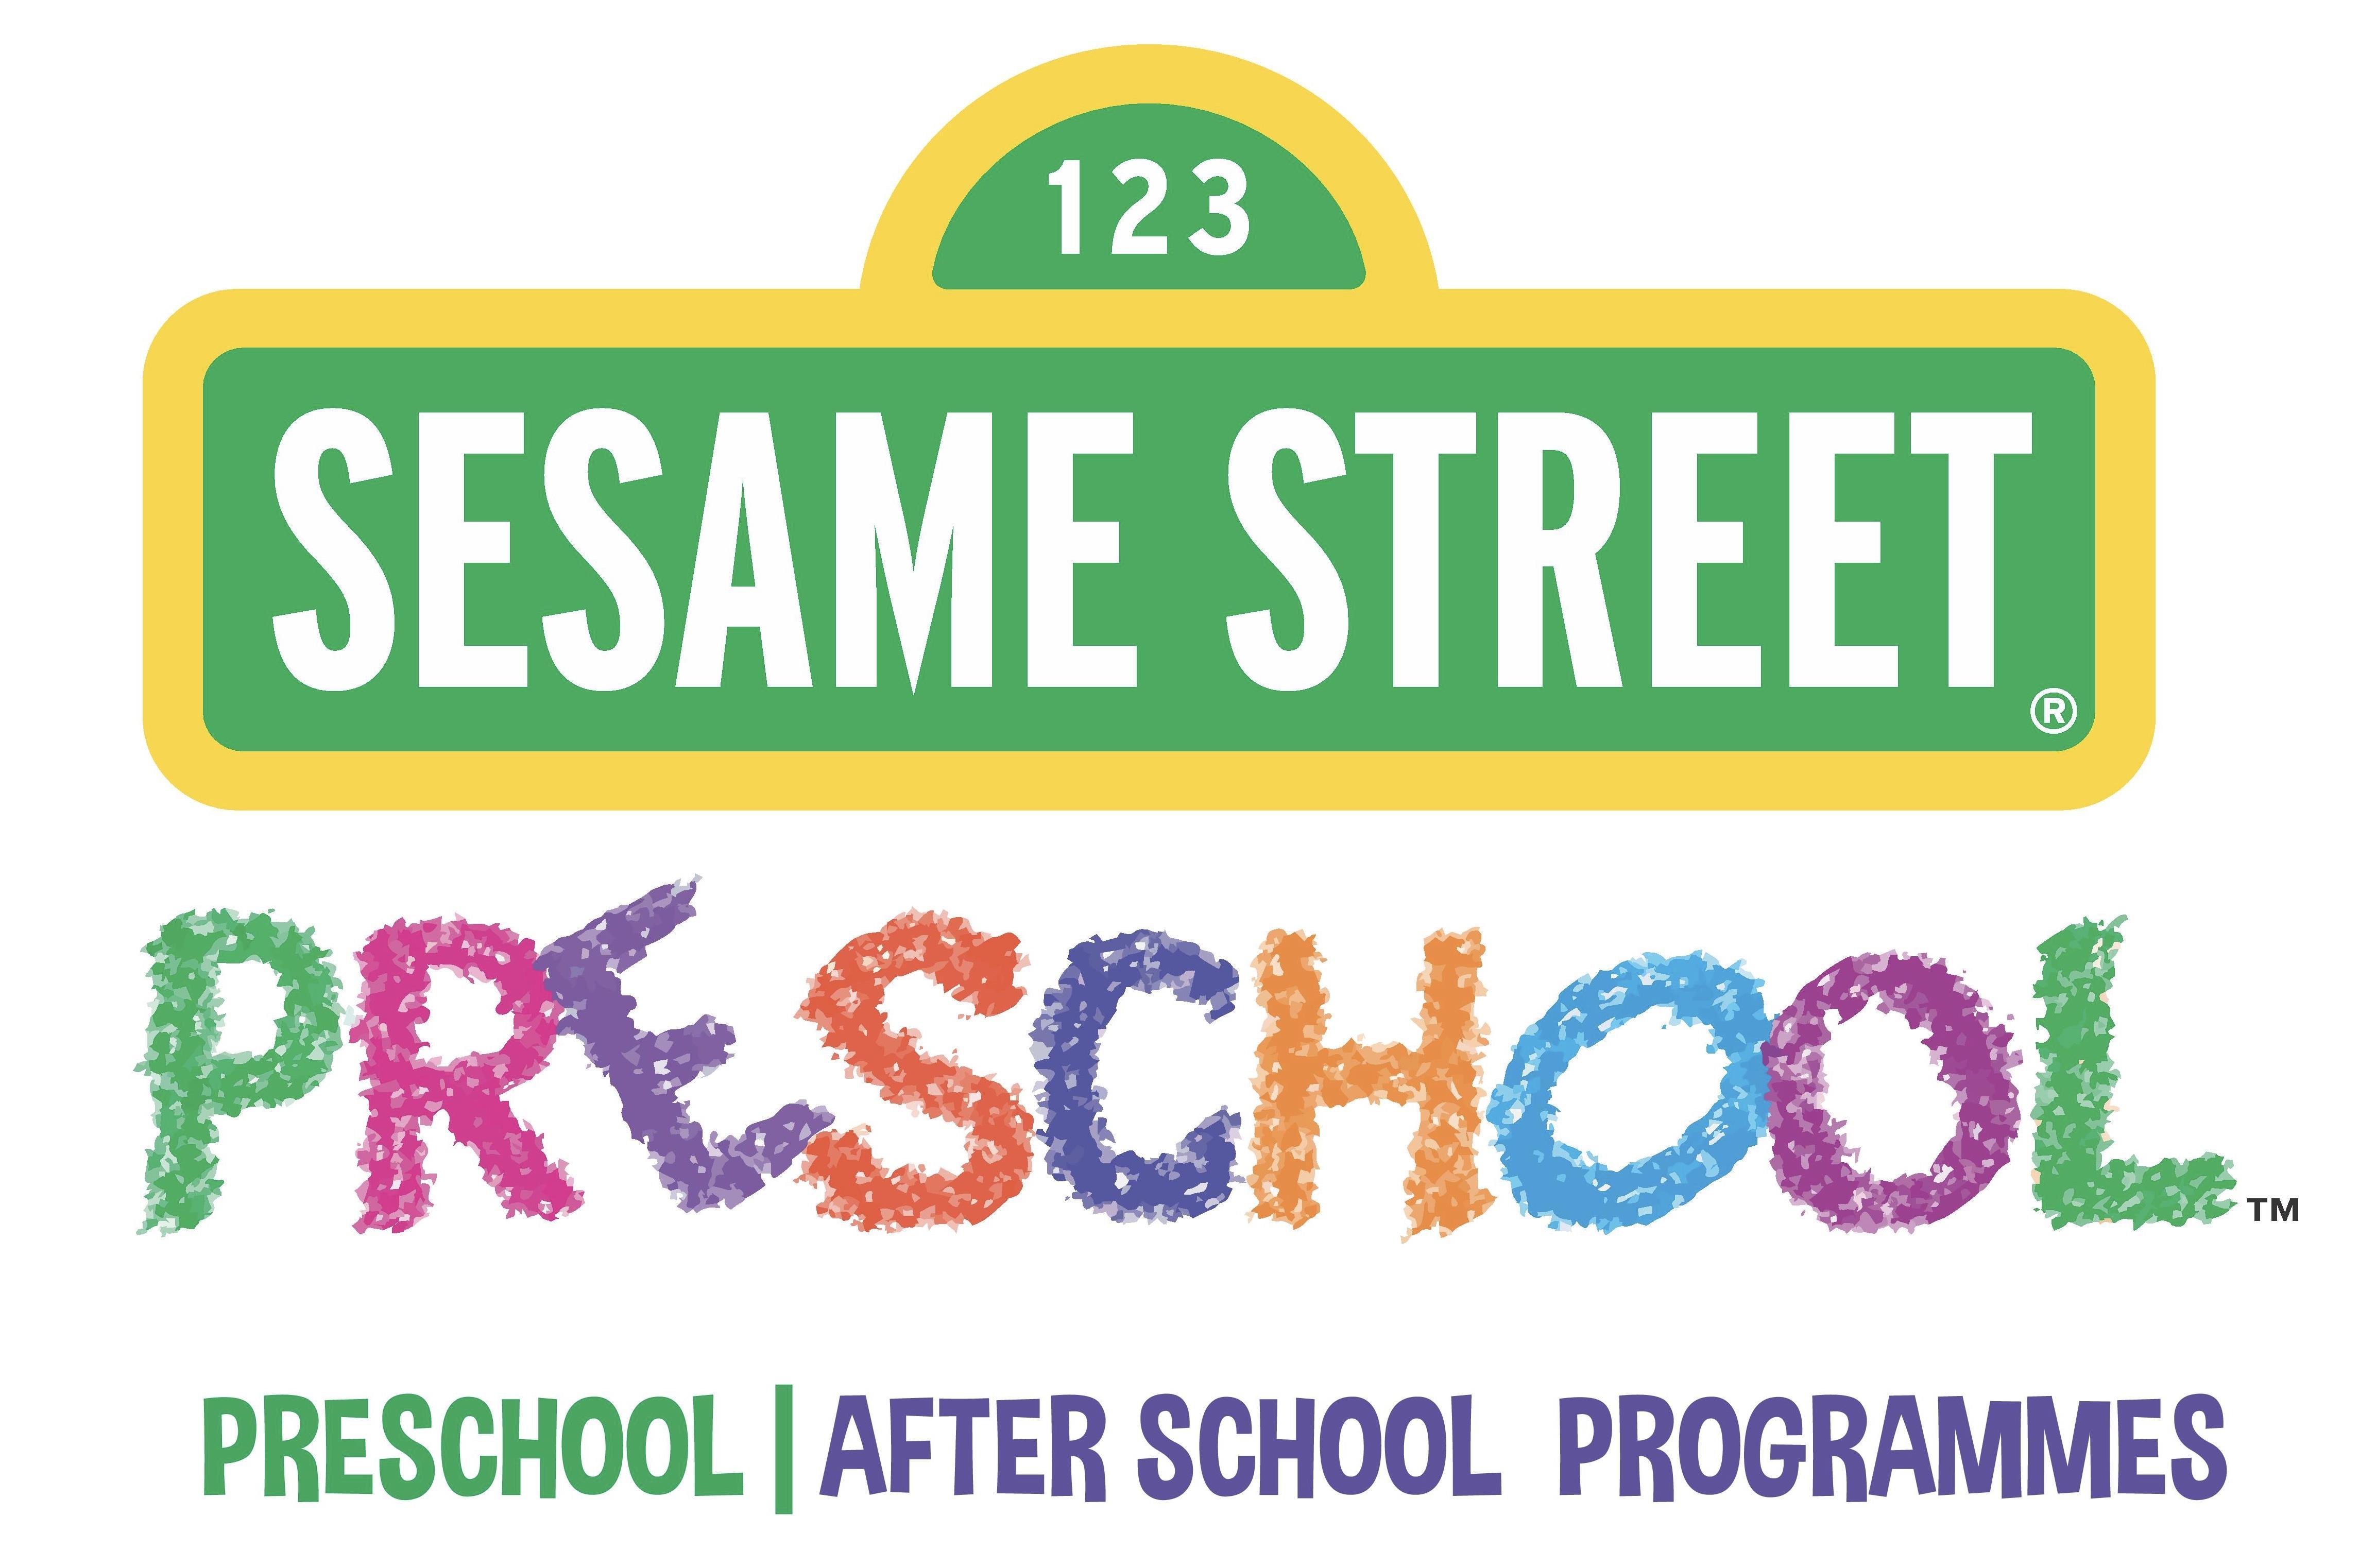 Sesame Street - Bhagwat Nagar - Patna Image